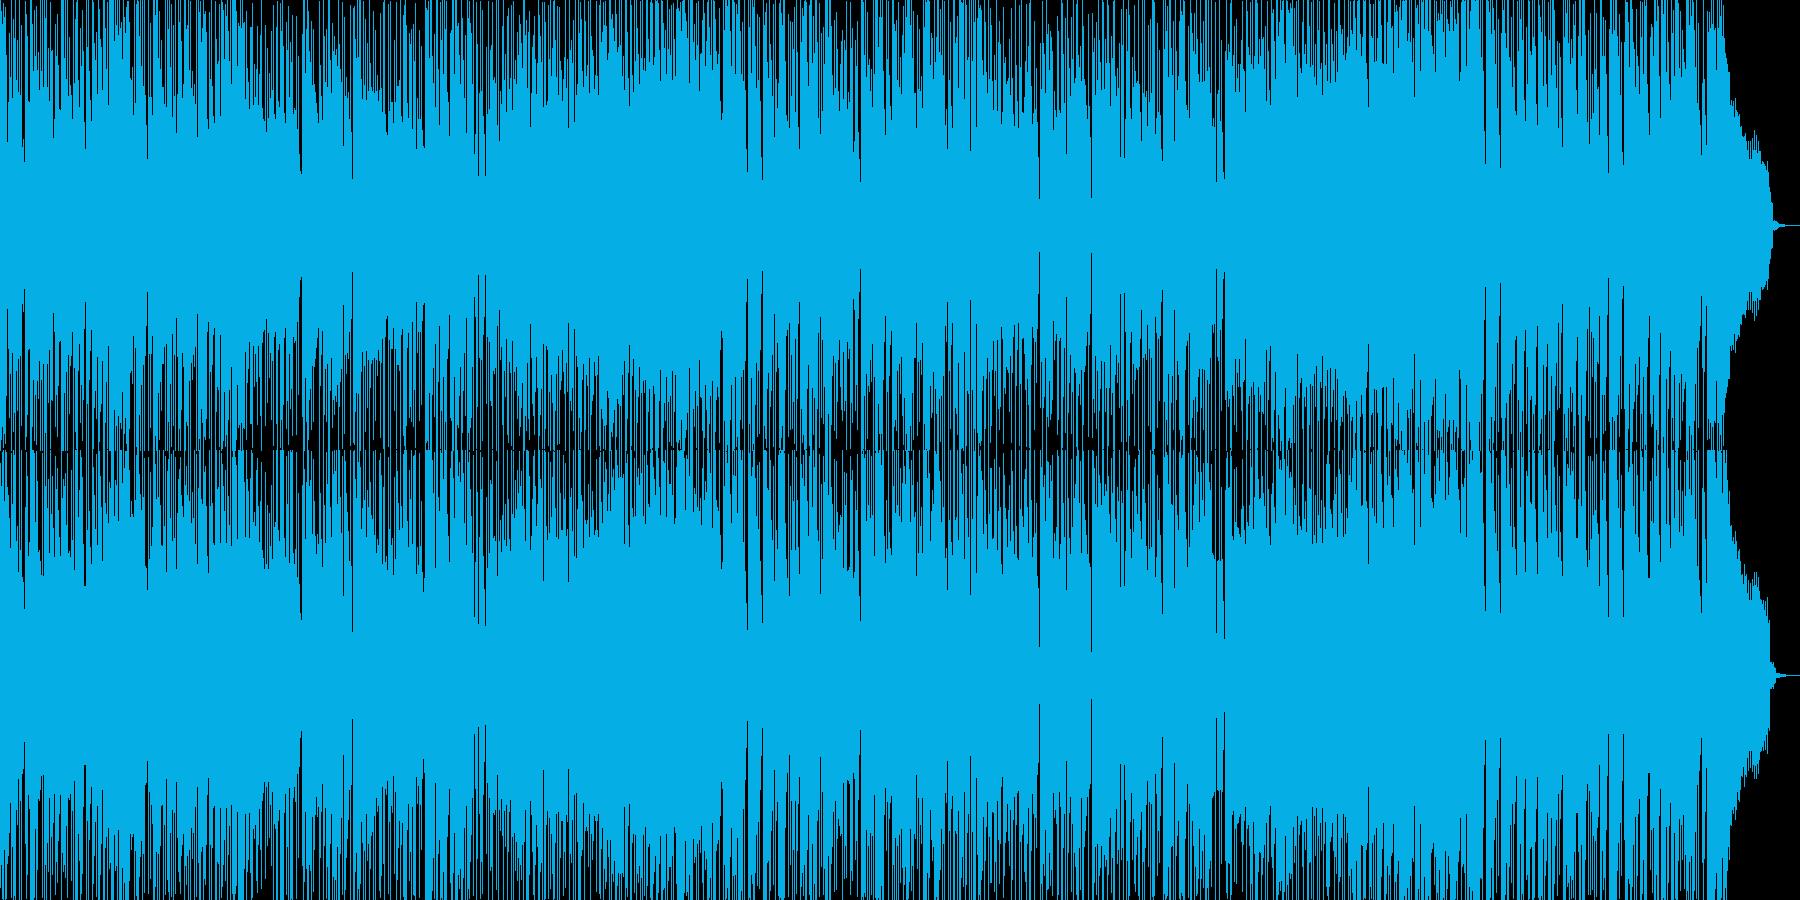 さわやかなPOPS曲の再生済みの波形